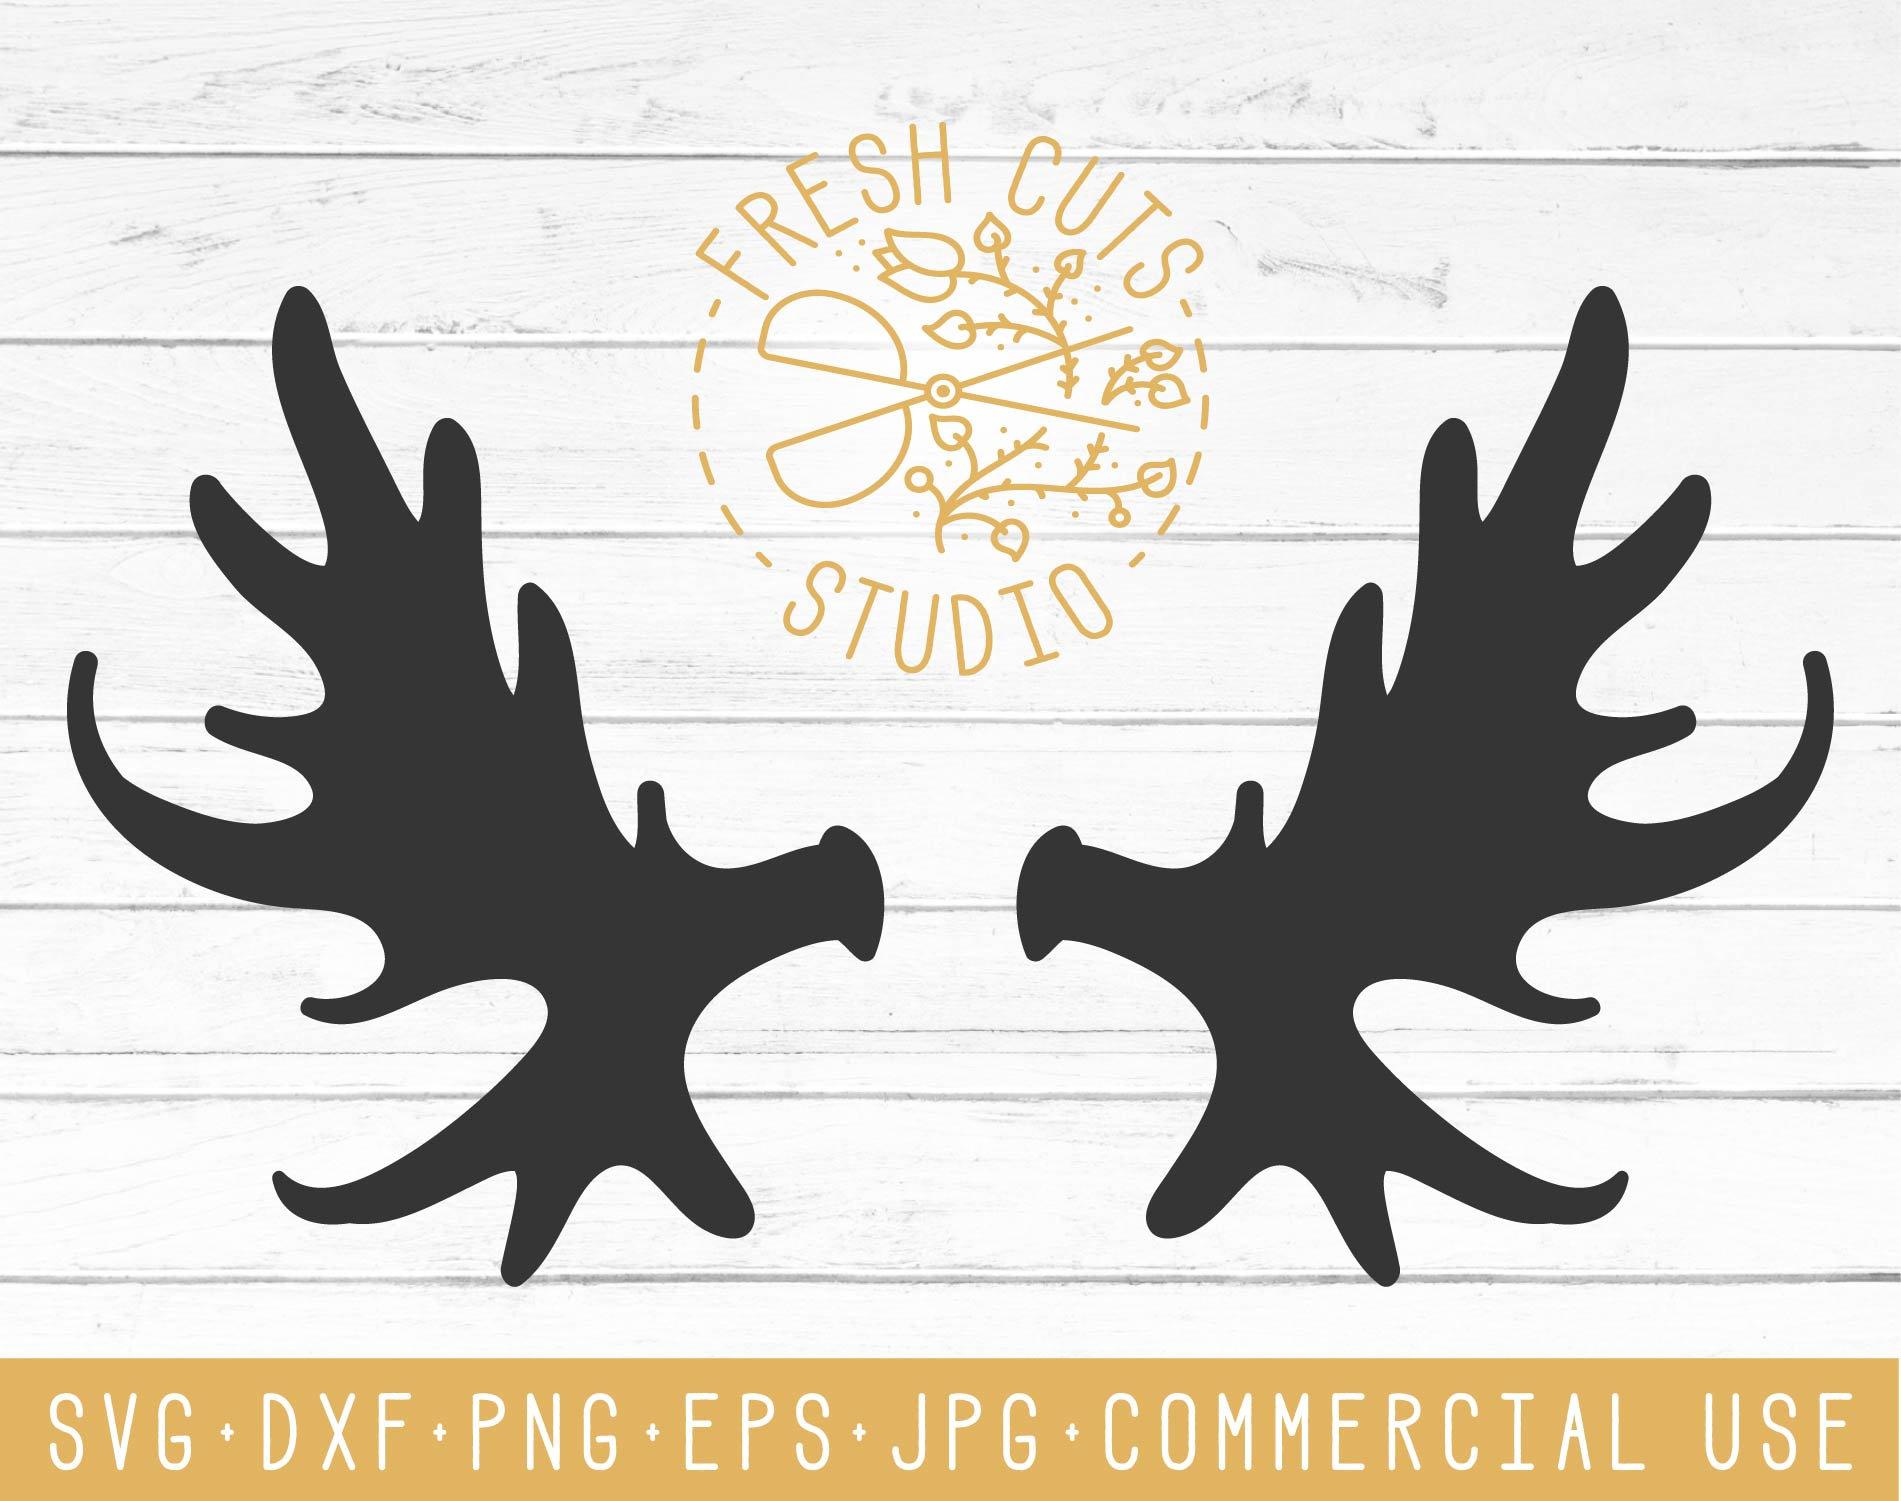 Moose Antler Svg Cut Files, Moose Antler Clipart Design, Antler Silhouette  Cricut Cameo Dxf Antler Art, Deer Hunting SVG, Commercial Use.